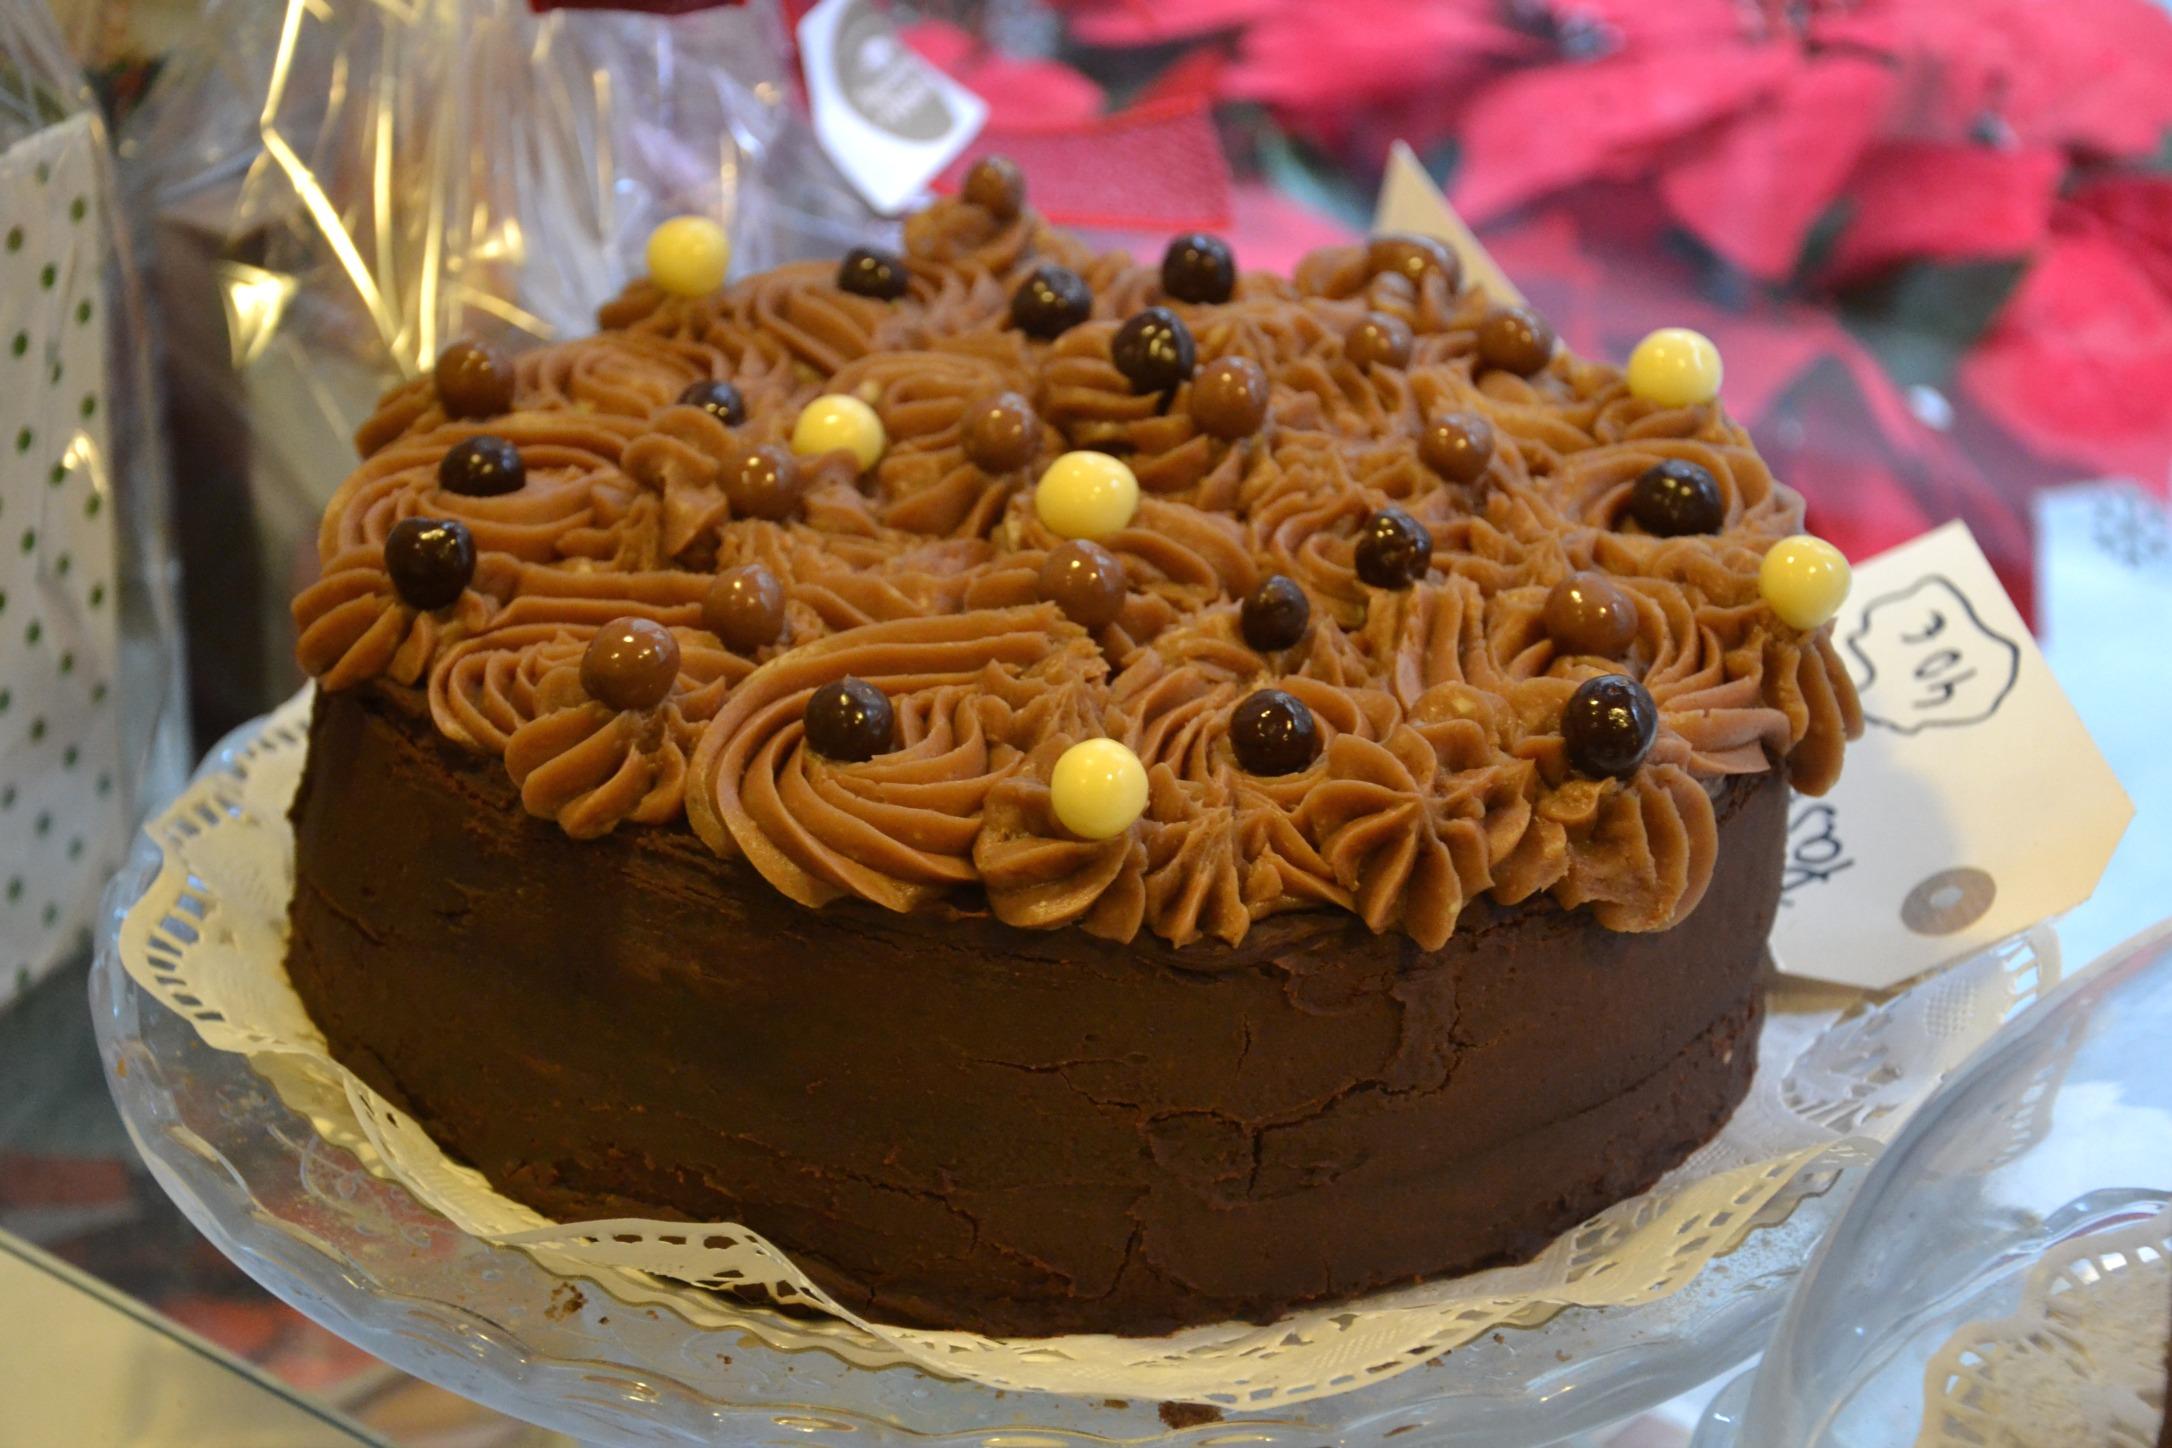 ♪♫♪ FELIIIIIIIZ CUMPLEAÑOOOOO S MARINAAAAAAAAAAAAAAAA -NEREAAAAAAA♪♫♪ Pastel-cocolate